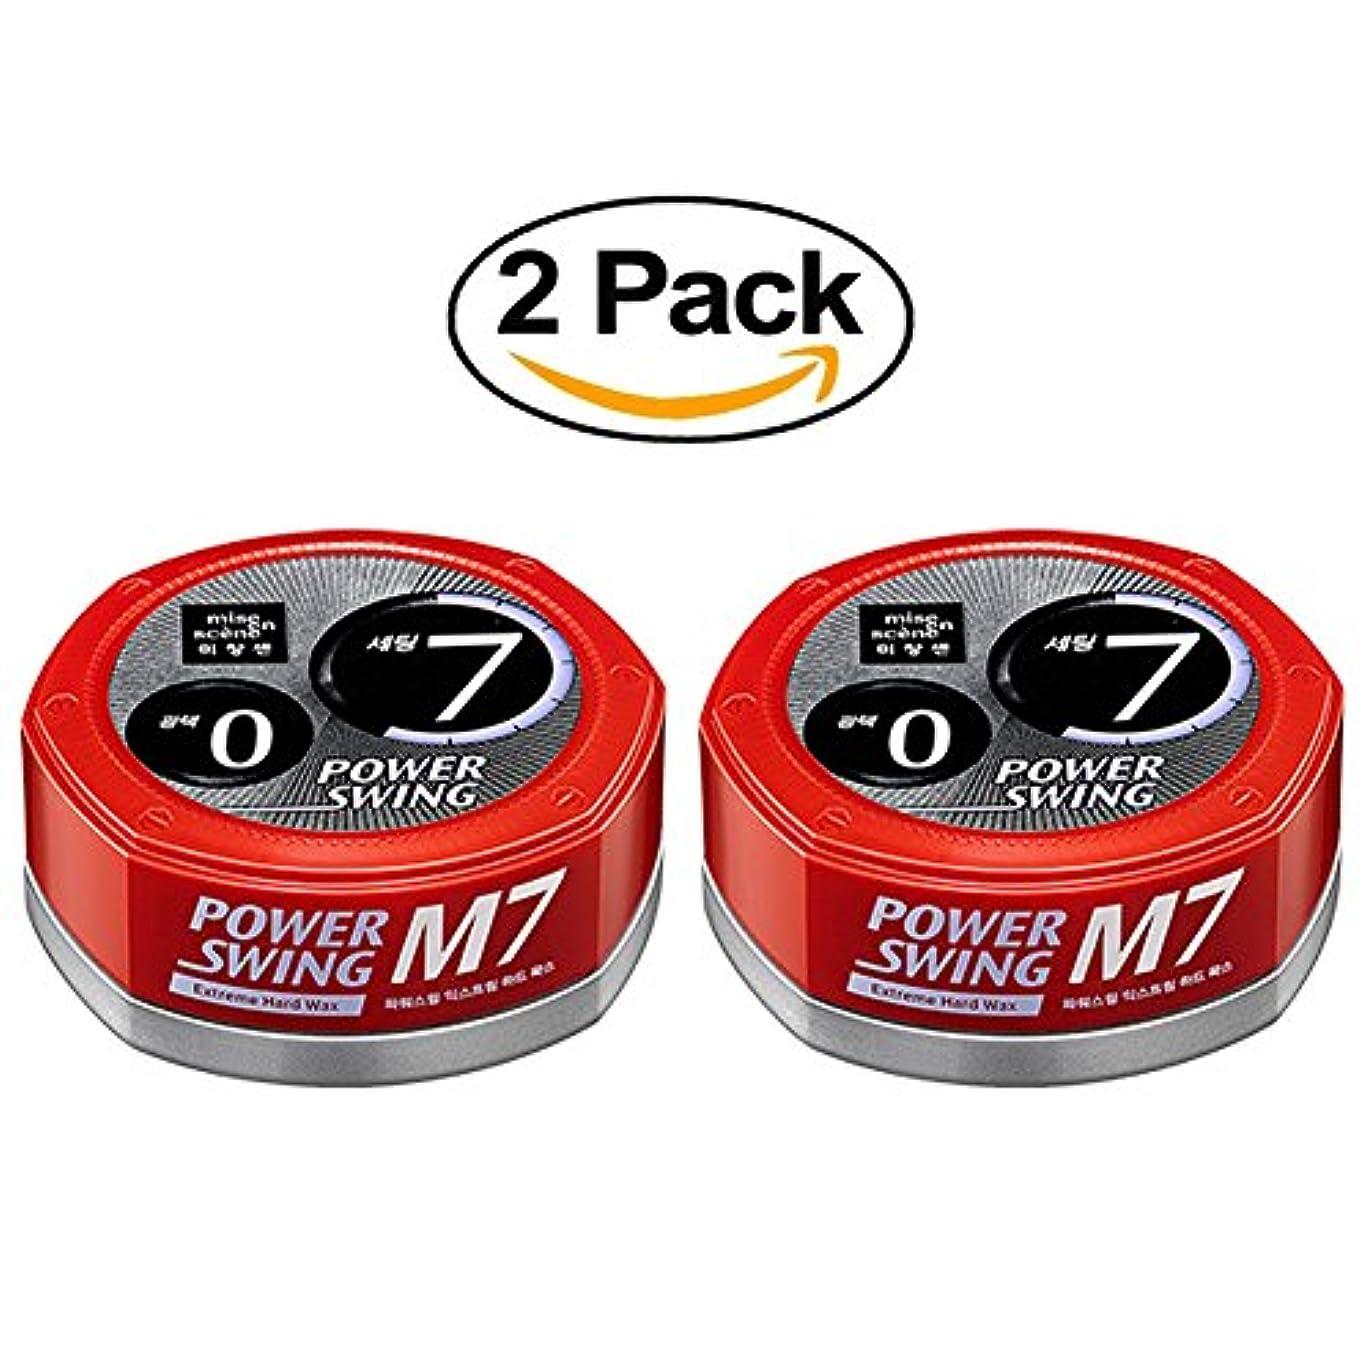 怠少なくともジャニスMise En Scene Power Swing Hair Wax 80 G M7 Extreme Hard Hair Styling for Man 2PACK ミゼ?エン?シーンパワー?スイング?ヘア?ワックス80...